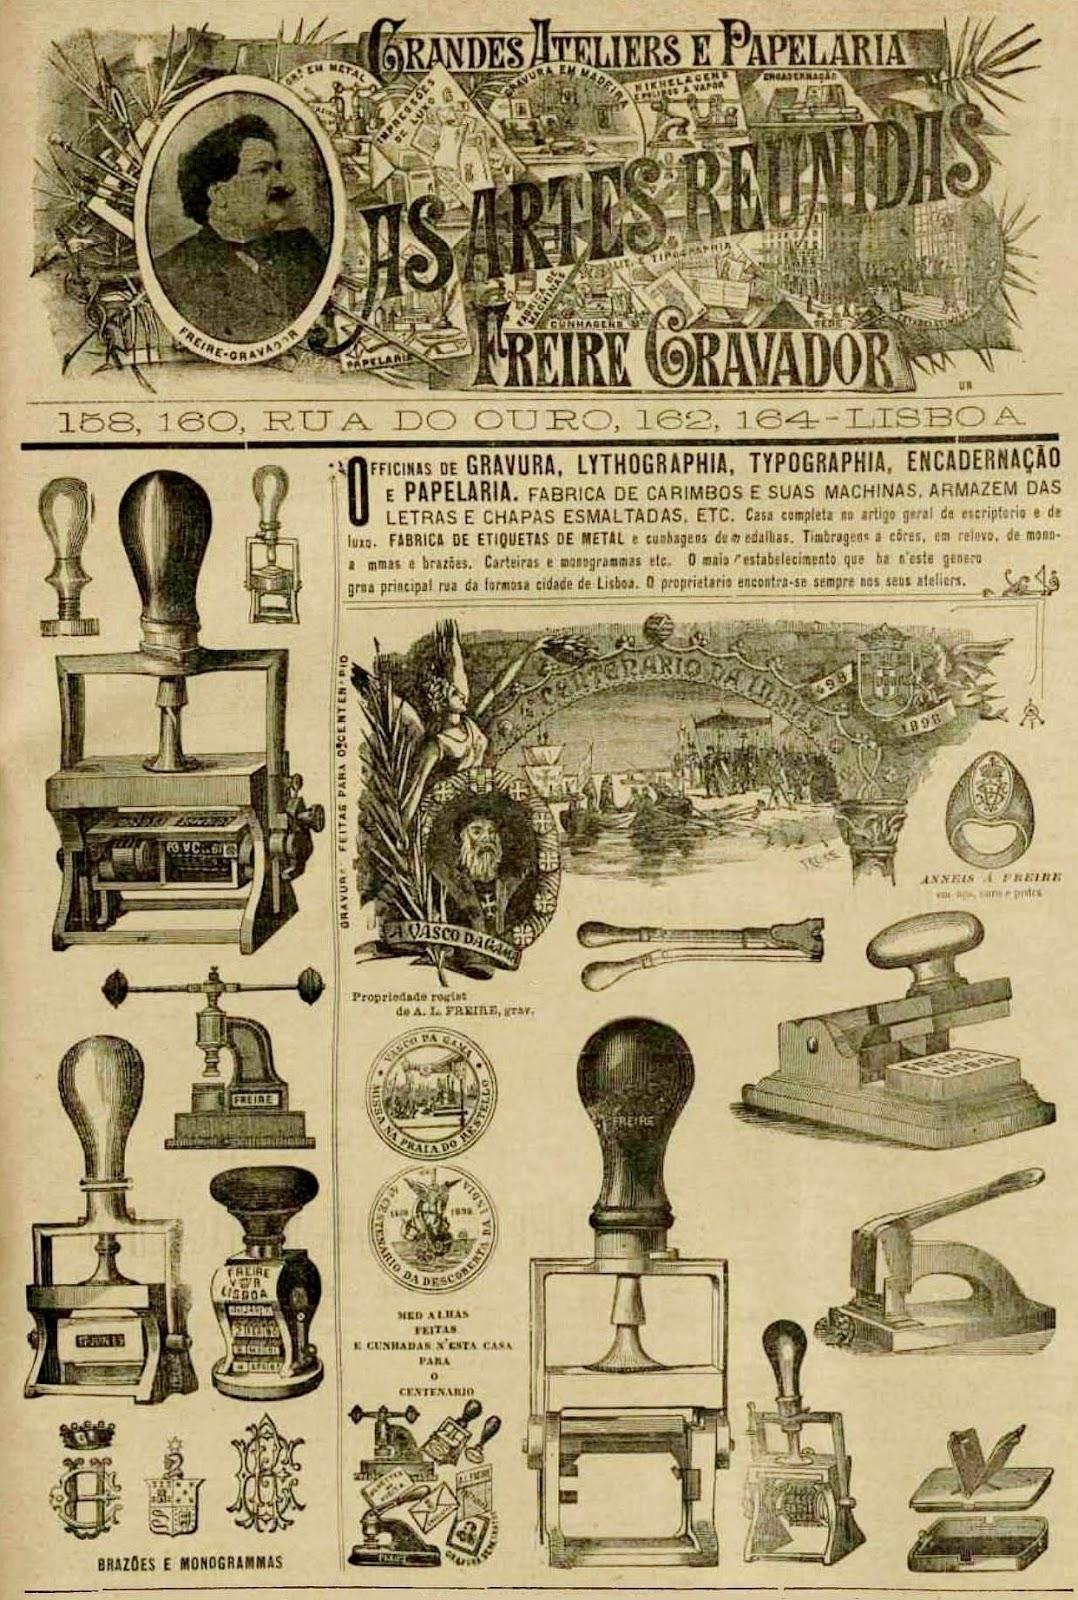 [1898-Freire-Gravador.05]